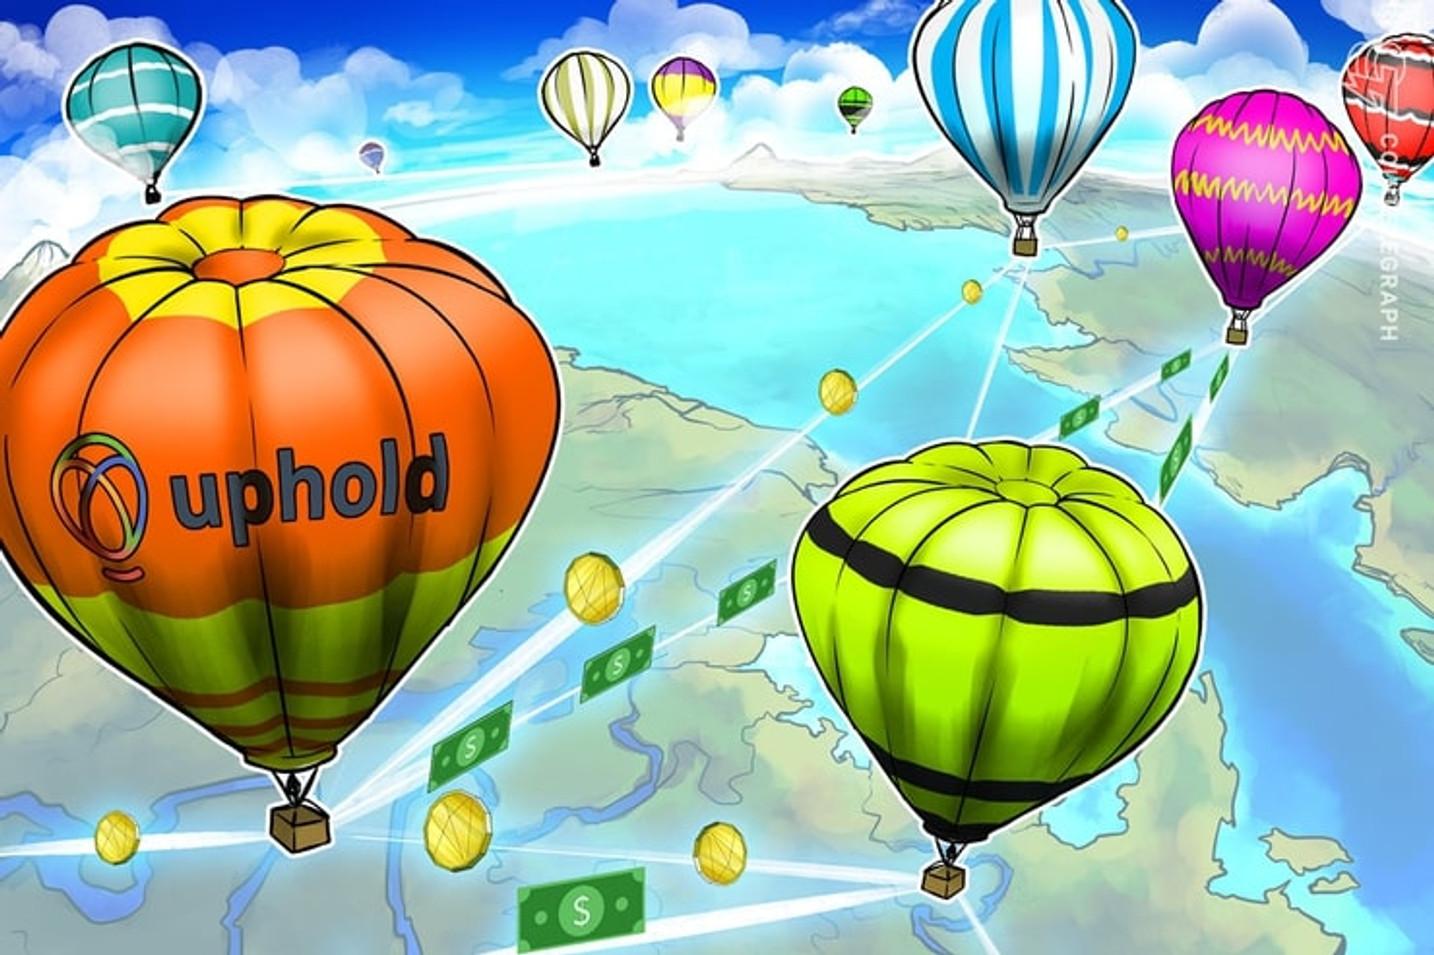 Uphold adquiere a JNK Securities, un agente de bolsa de EEUU, luego de obtener la aprobación regulatoria